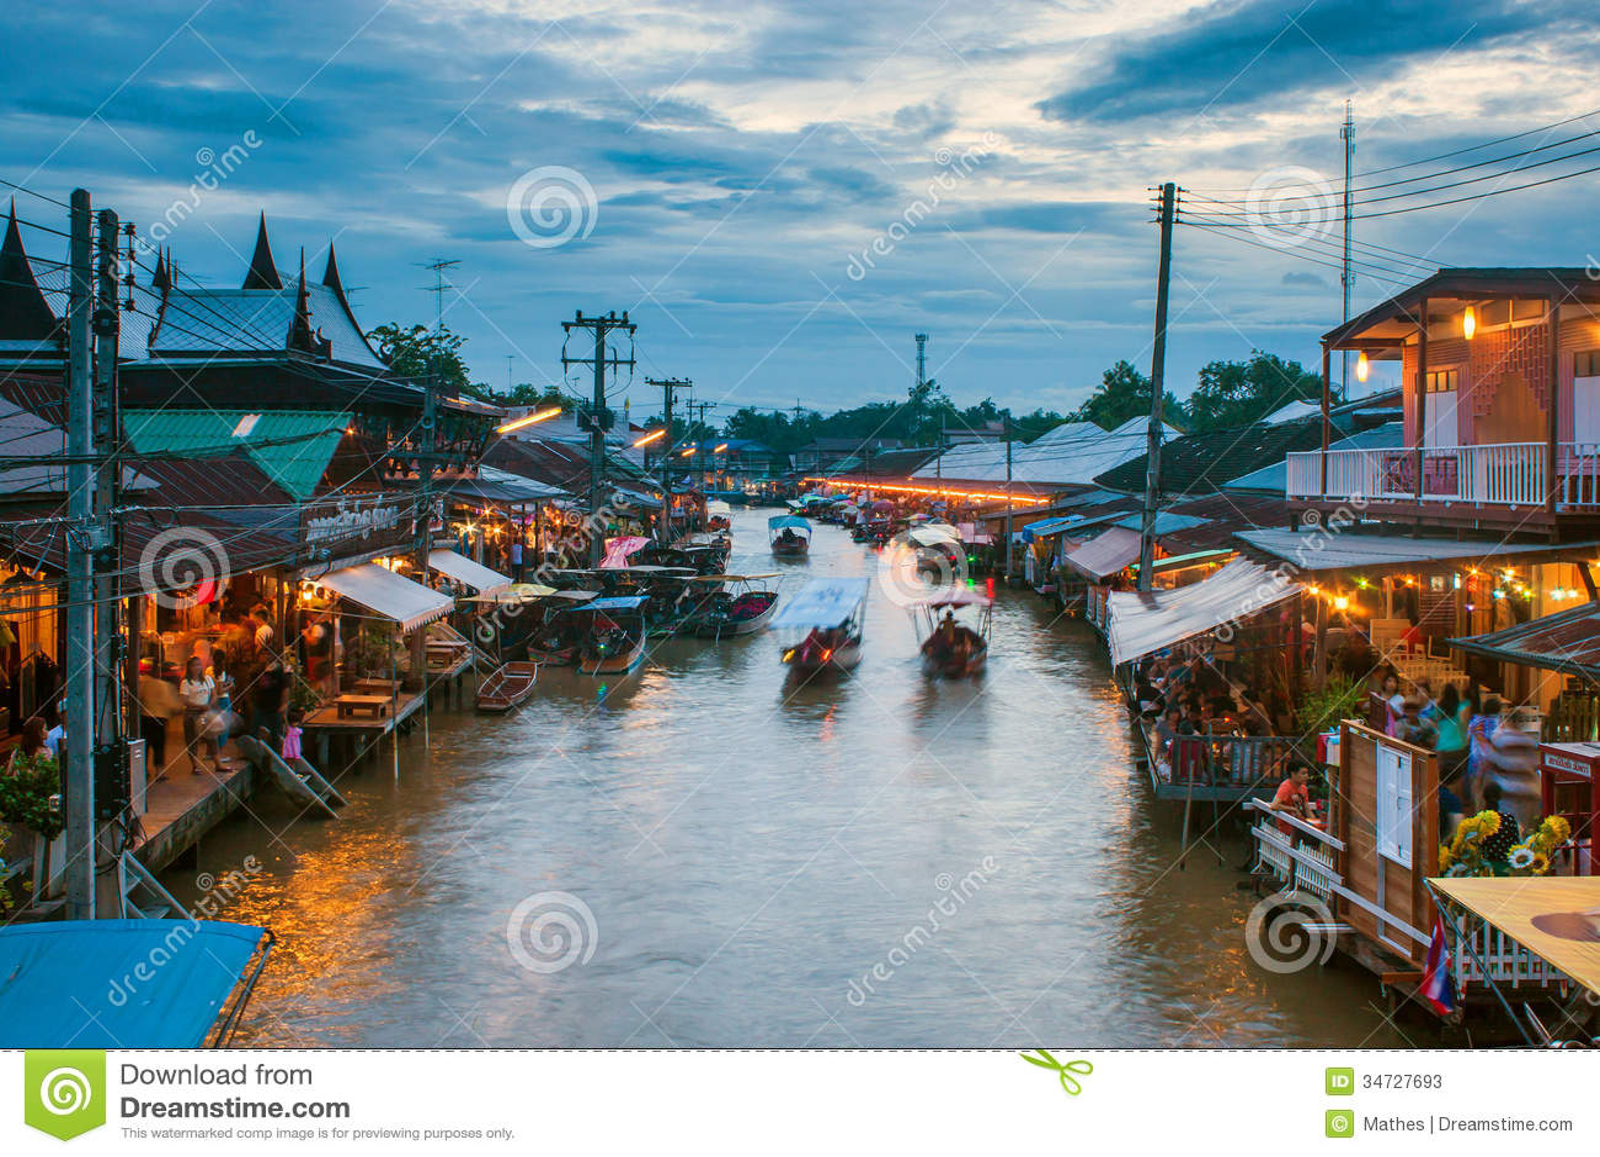 thailand september